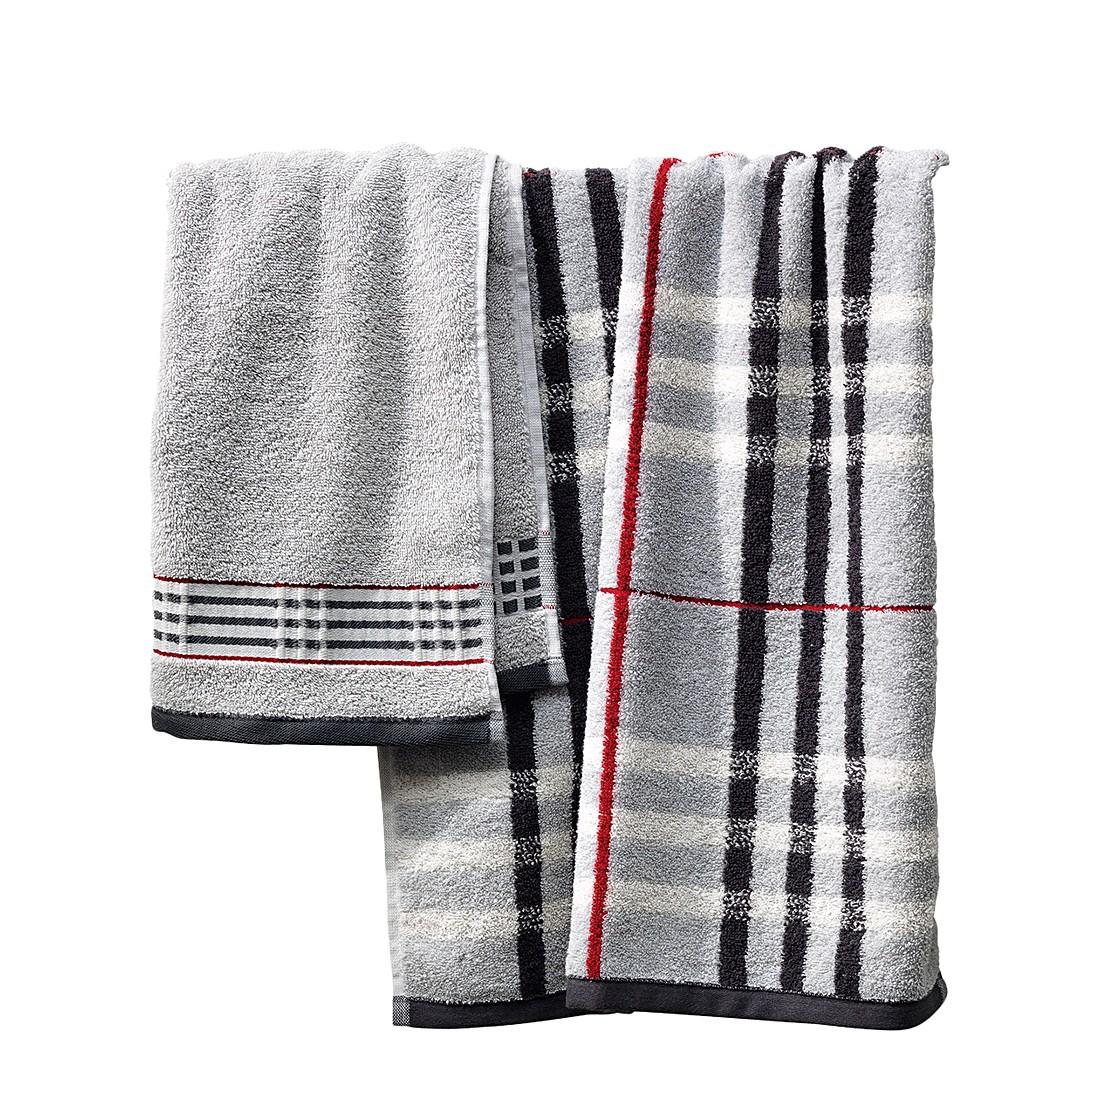 Duschtuch Great Britain – Baumwolle – Grau, PureDay jetzt kaufen